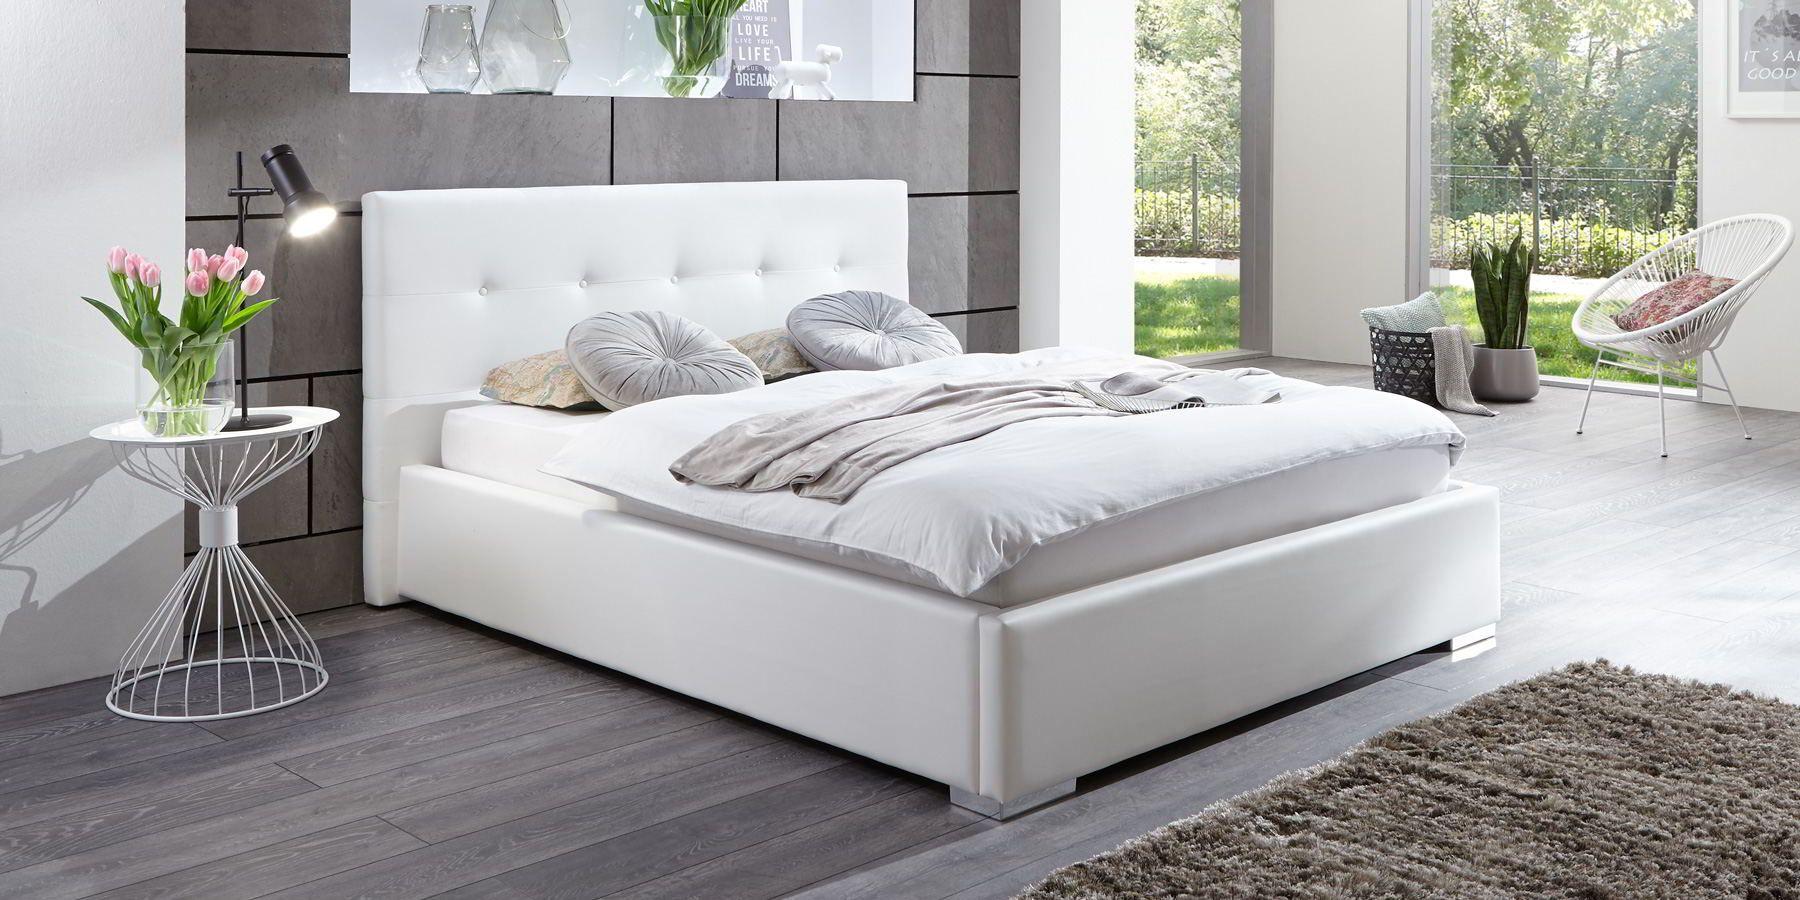 Bett Mit Bettkasten Betty 180x200 Weiß Polsterbett Mit